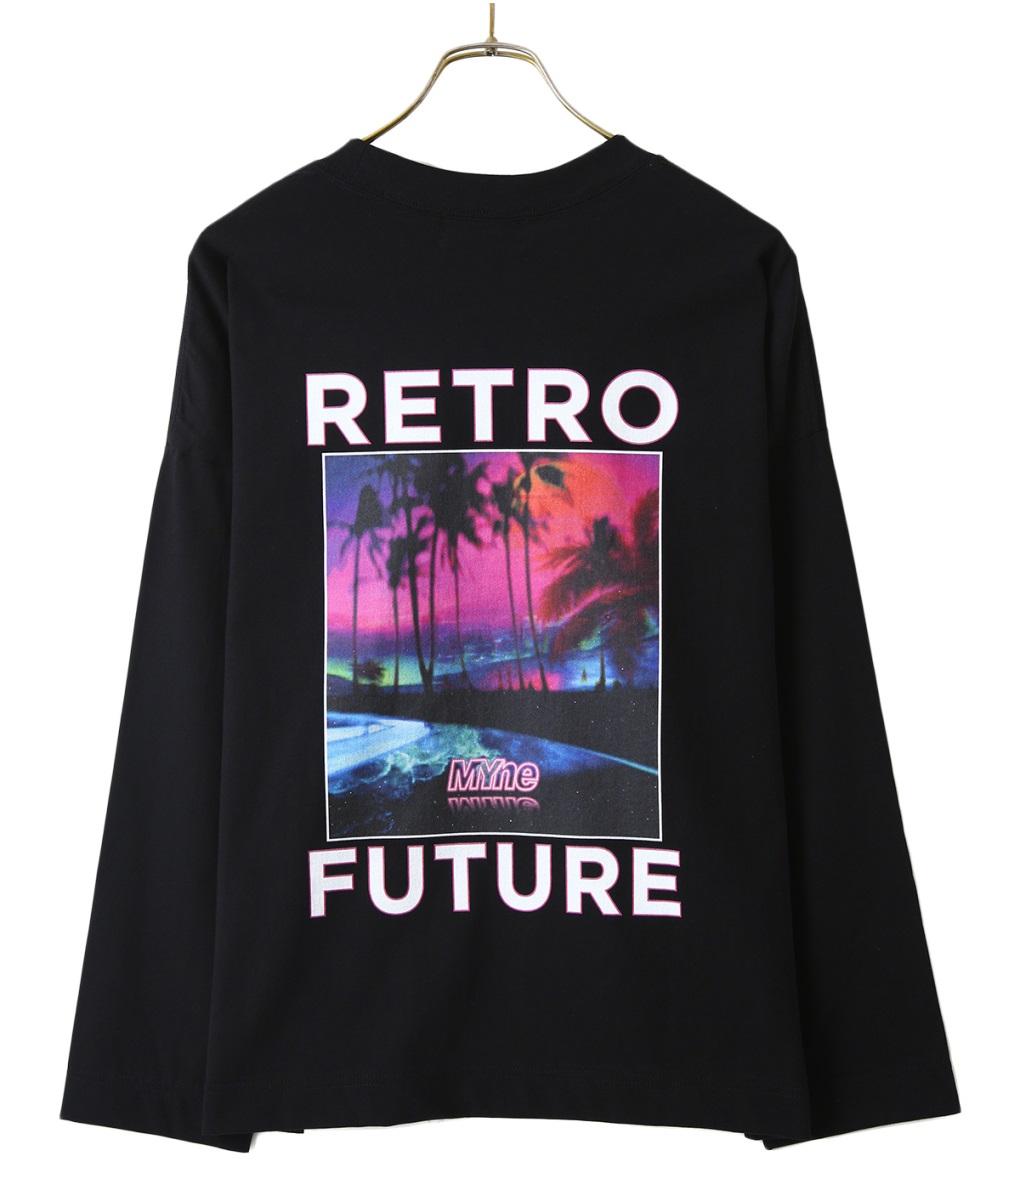 MYne / マイン : RETRO FUTURE L/S T-Shirt / 全2色 : レトロ フューチャー エルエス ロングスリーブ ティーシャツ ロンティー 19SS 19春夏 : G02LT271 【WAX】